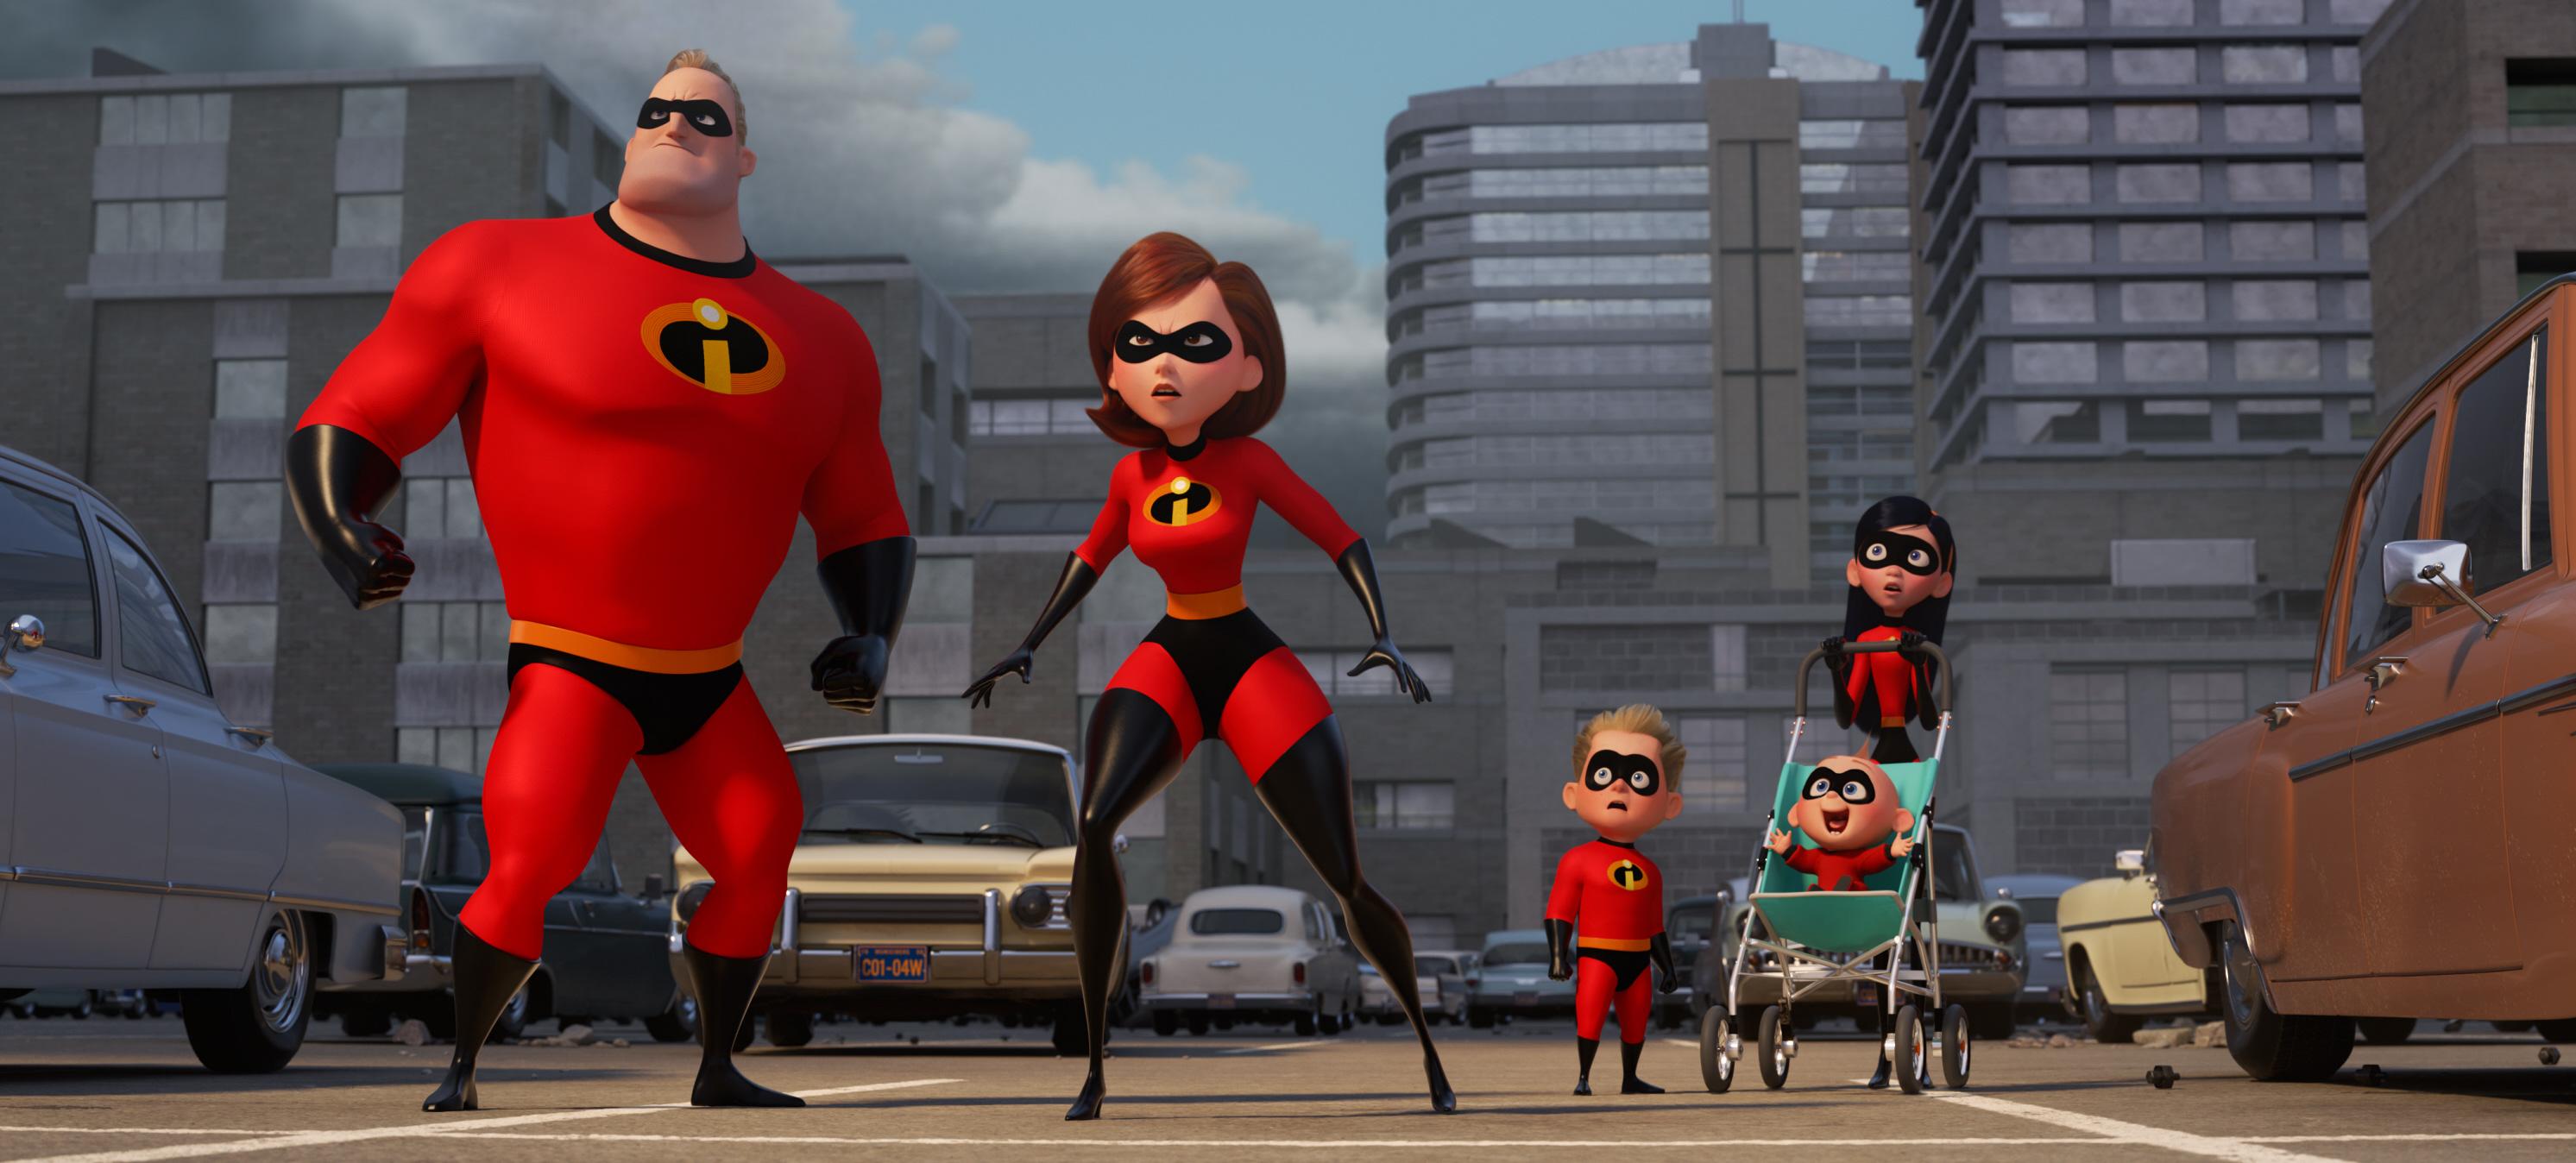 Incredibles 2 Meet The Cast Gallery Wonderwall Com